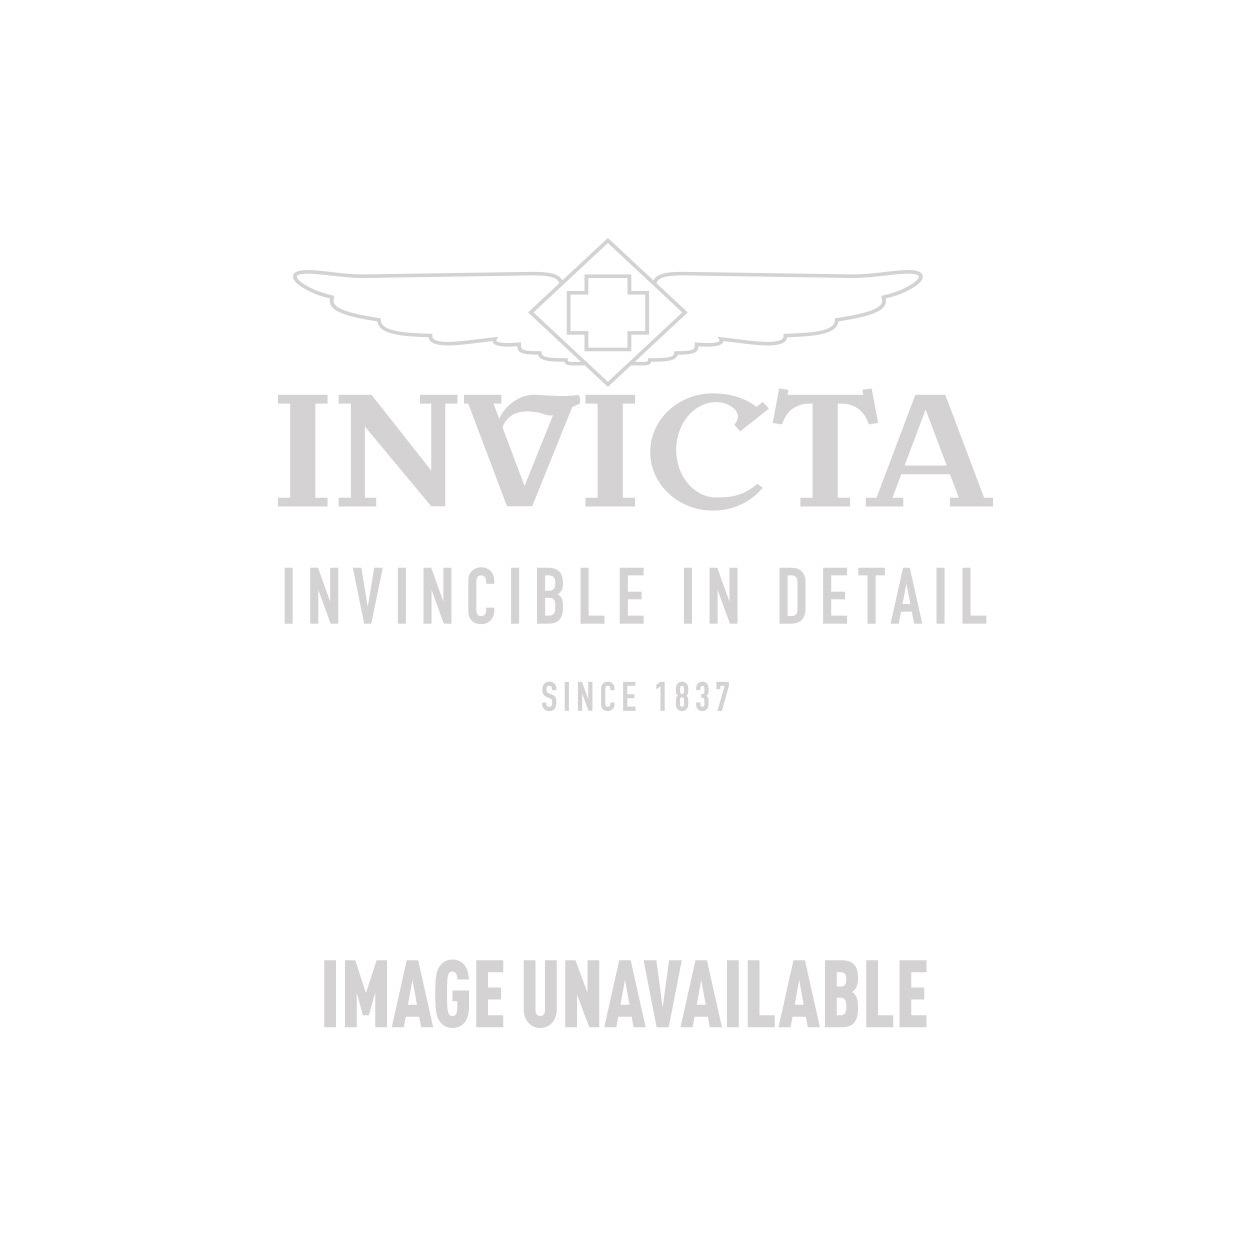 Invicta Model 25521